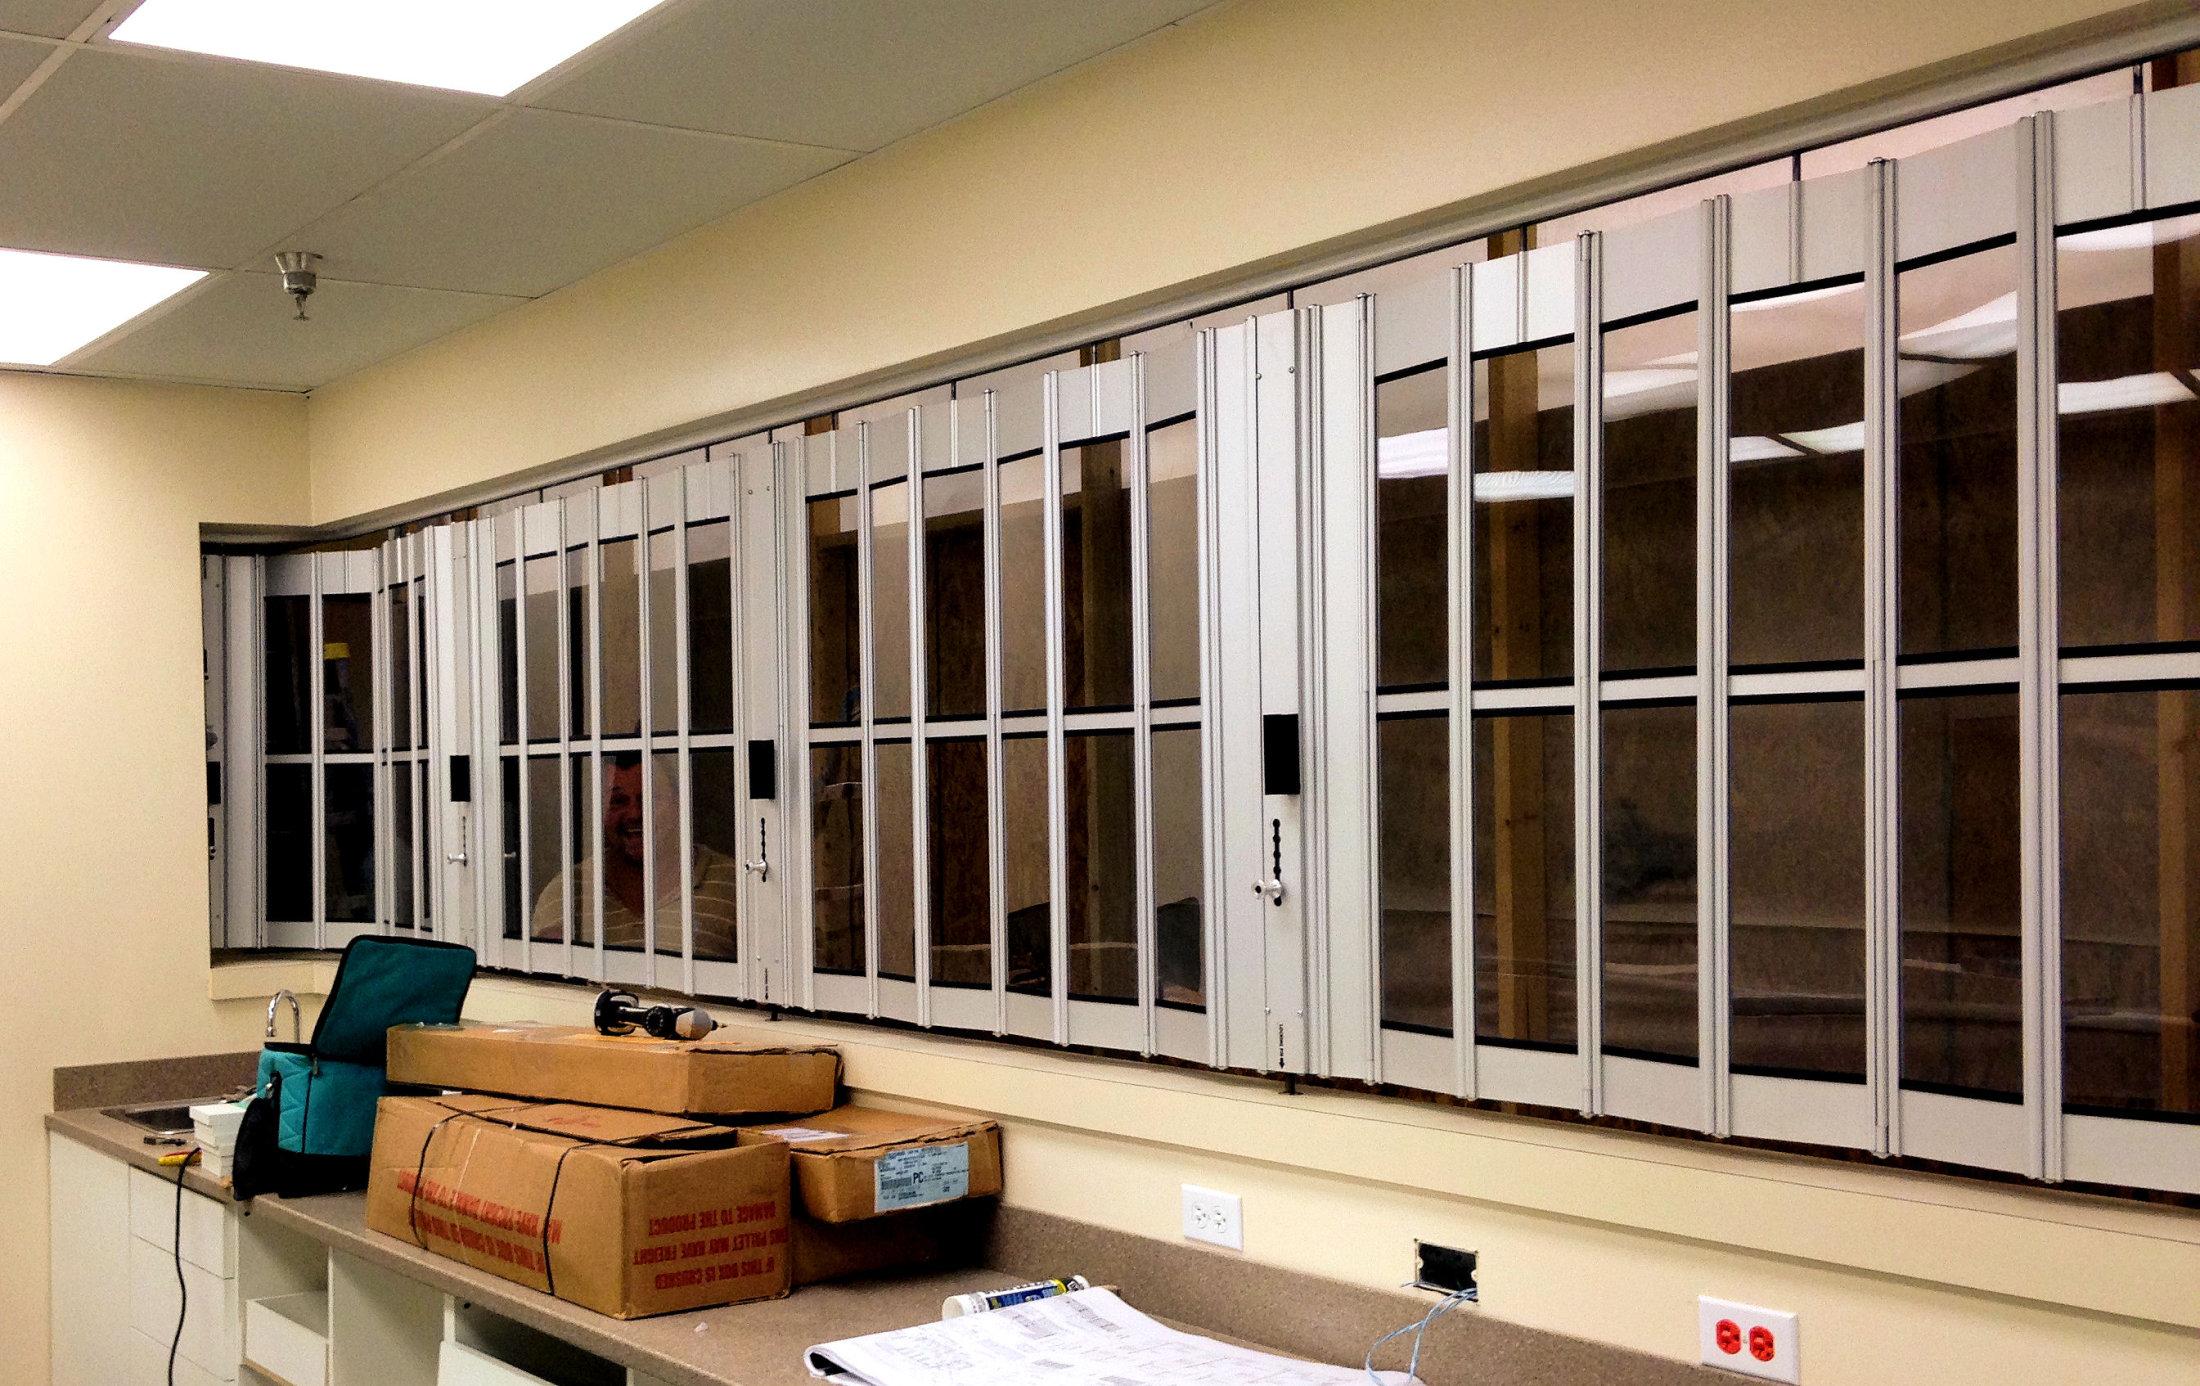 Sliding Counter Doors & Commercial Doors   Overhead Garage Doors by Doorways Inc.